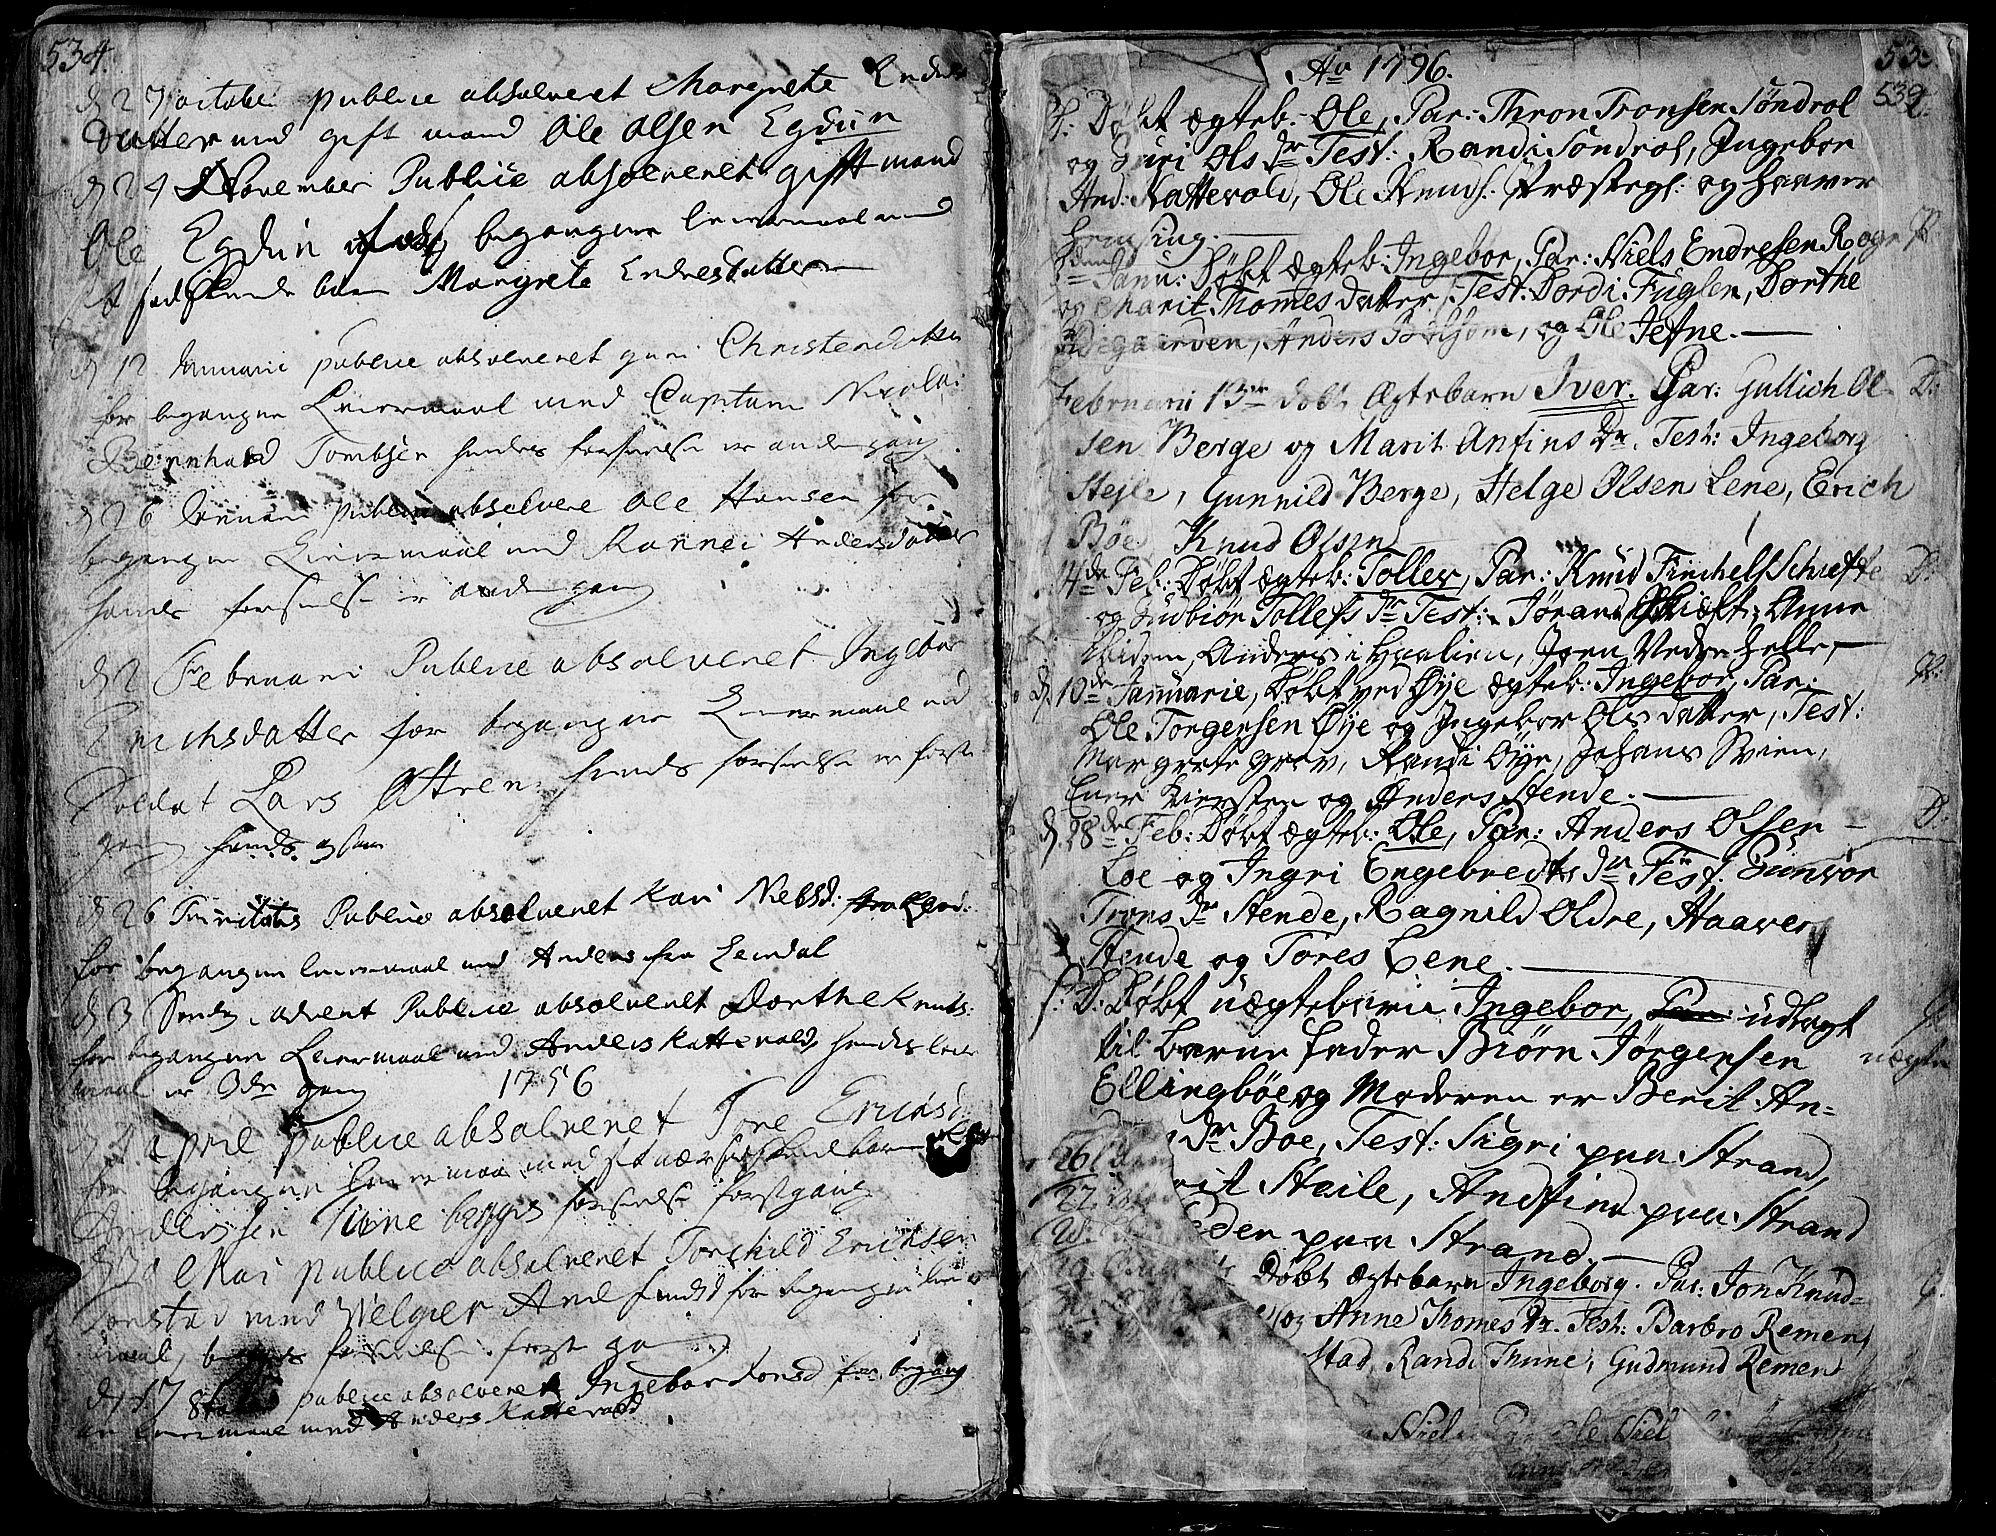 SAH, Vang prestekontor, Valdres, Ministerialbok nr. 1, 1730-1796, s. 533